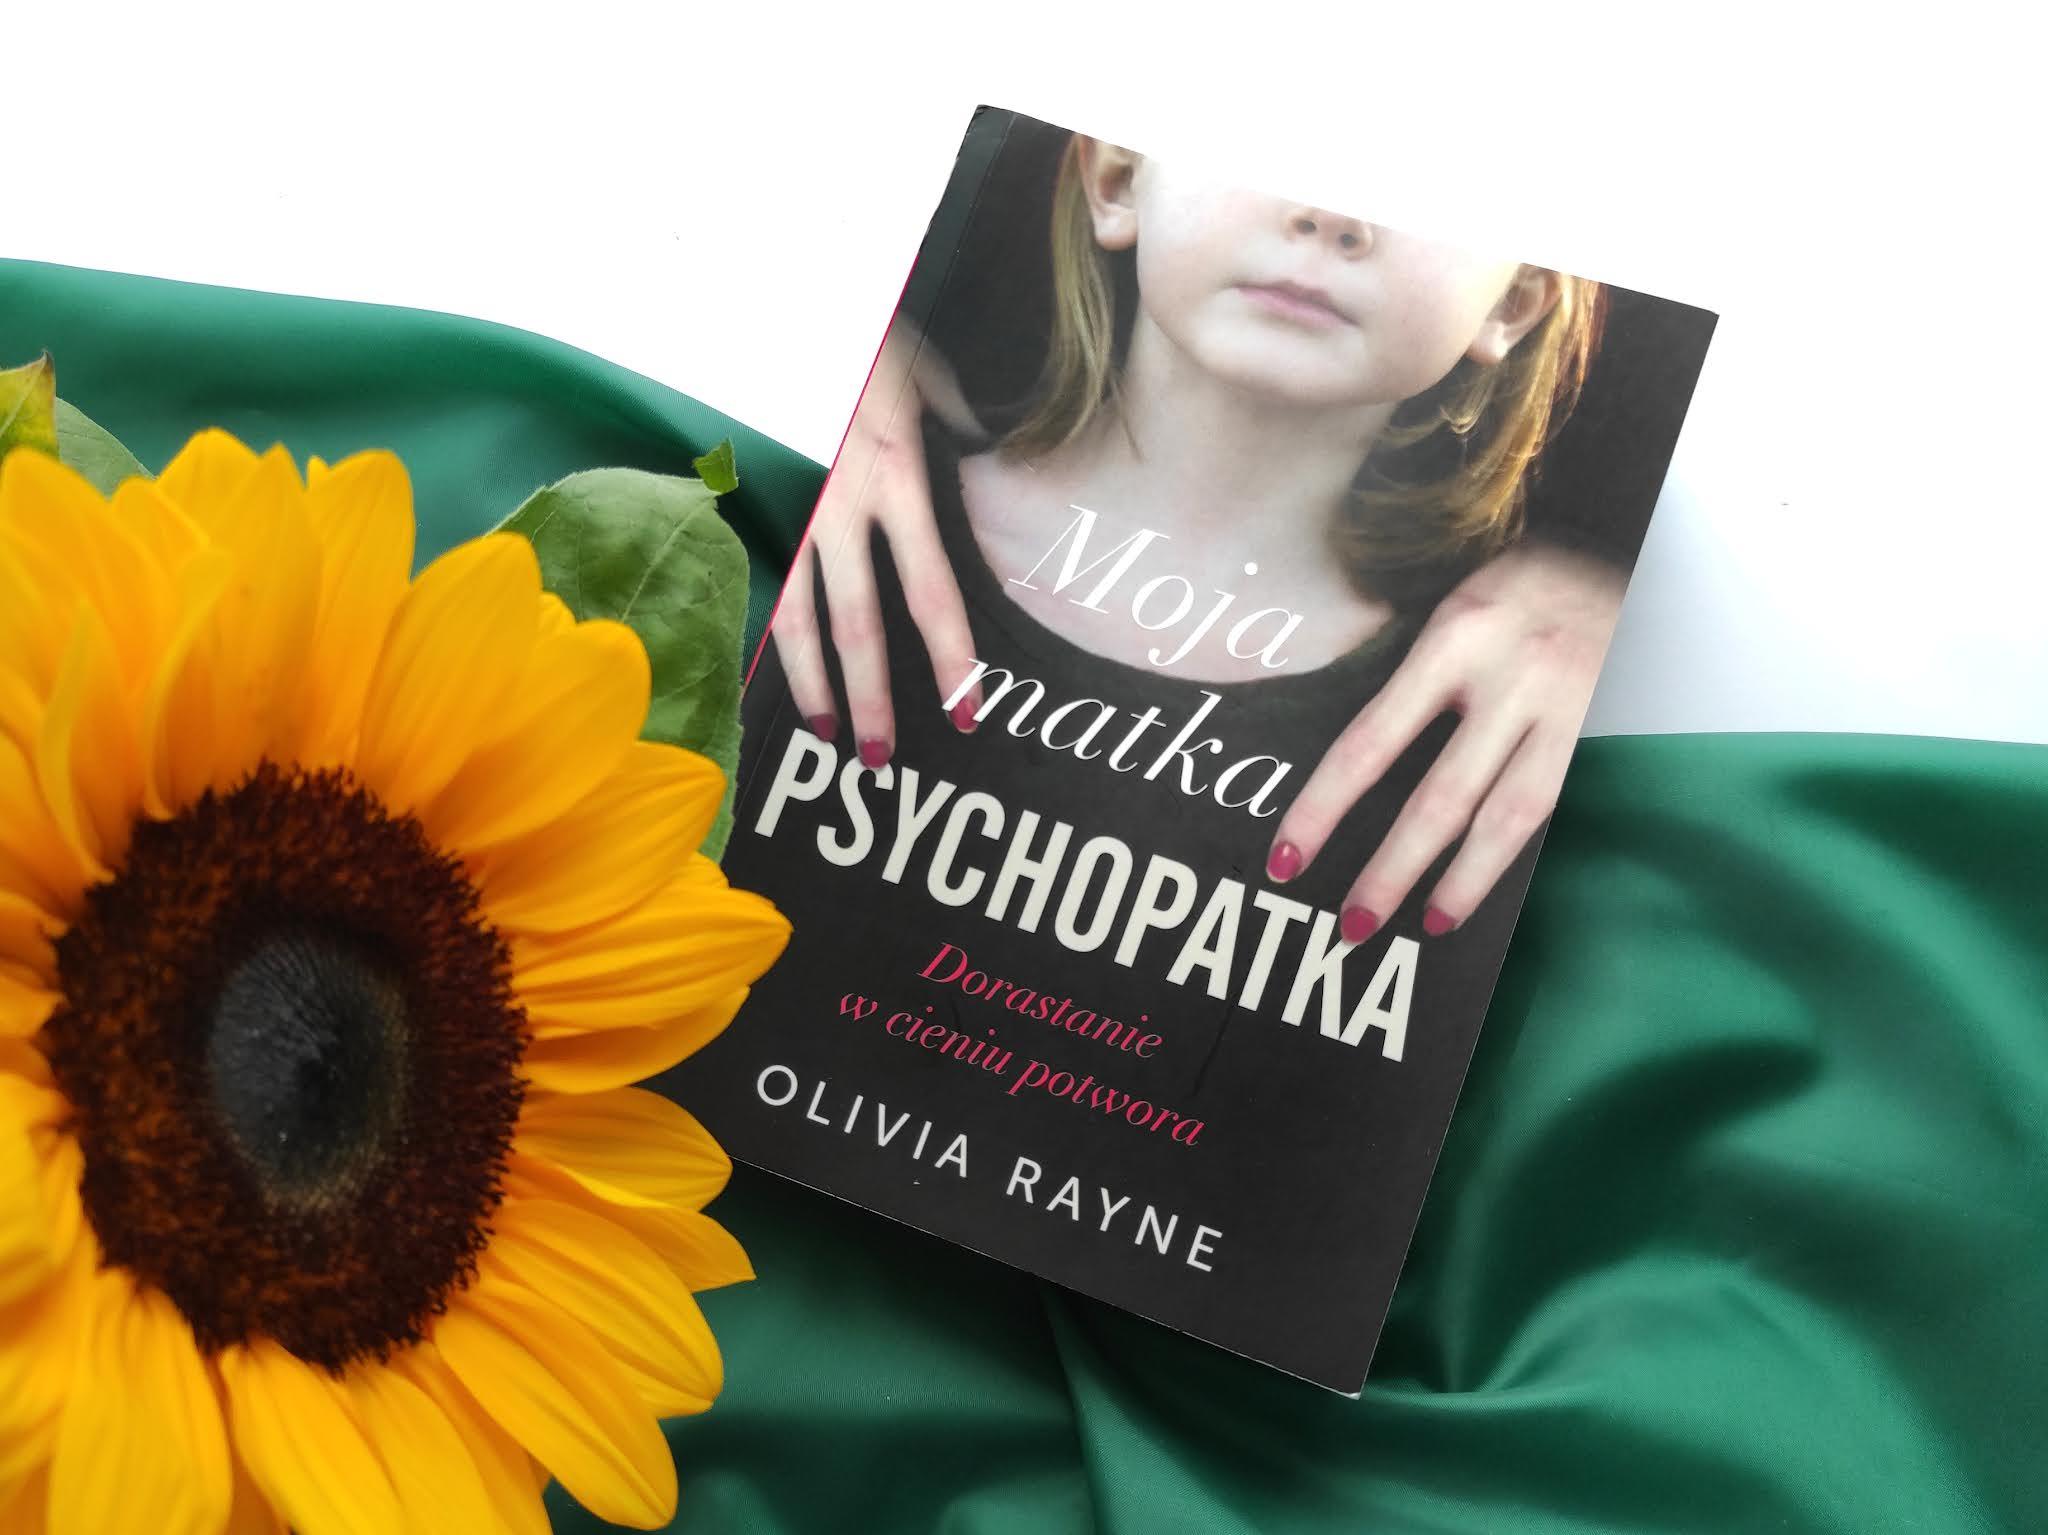 Moja matka psychopatka recenzja książki